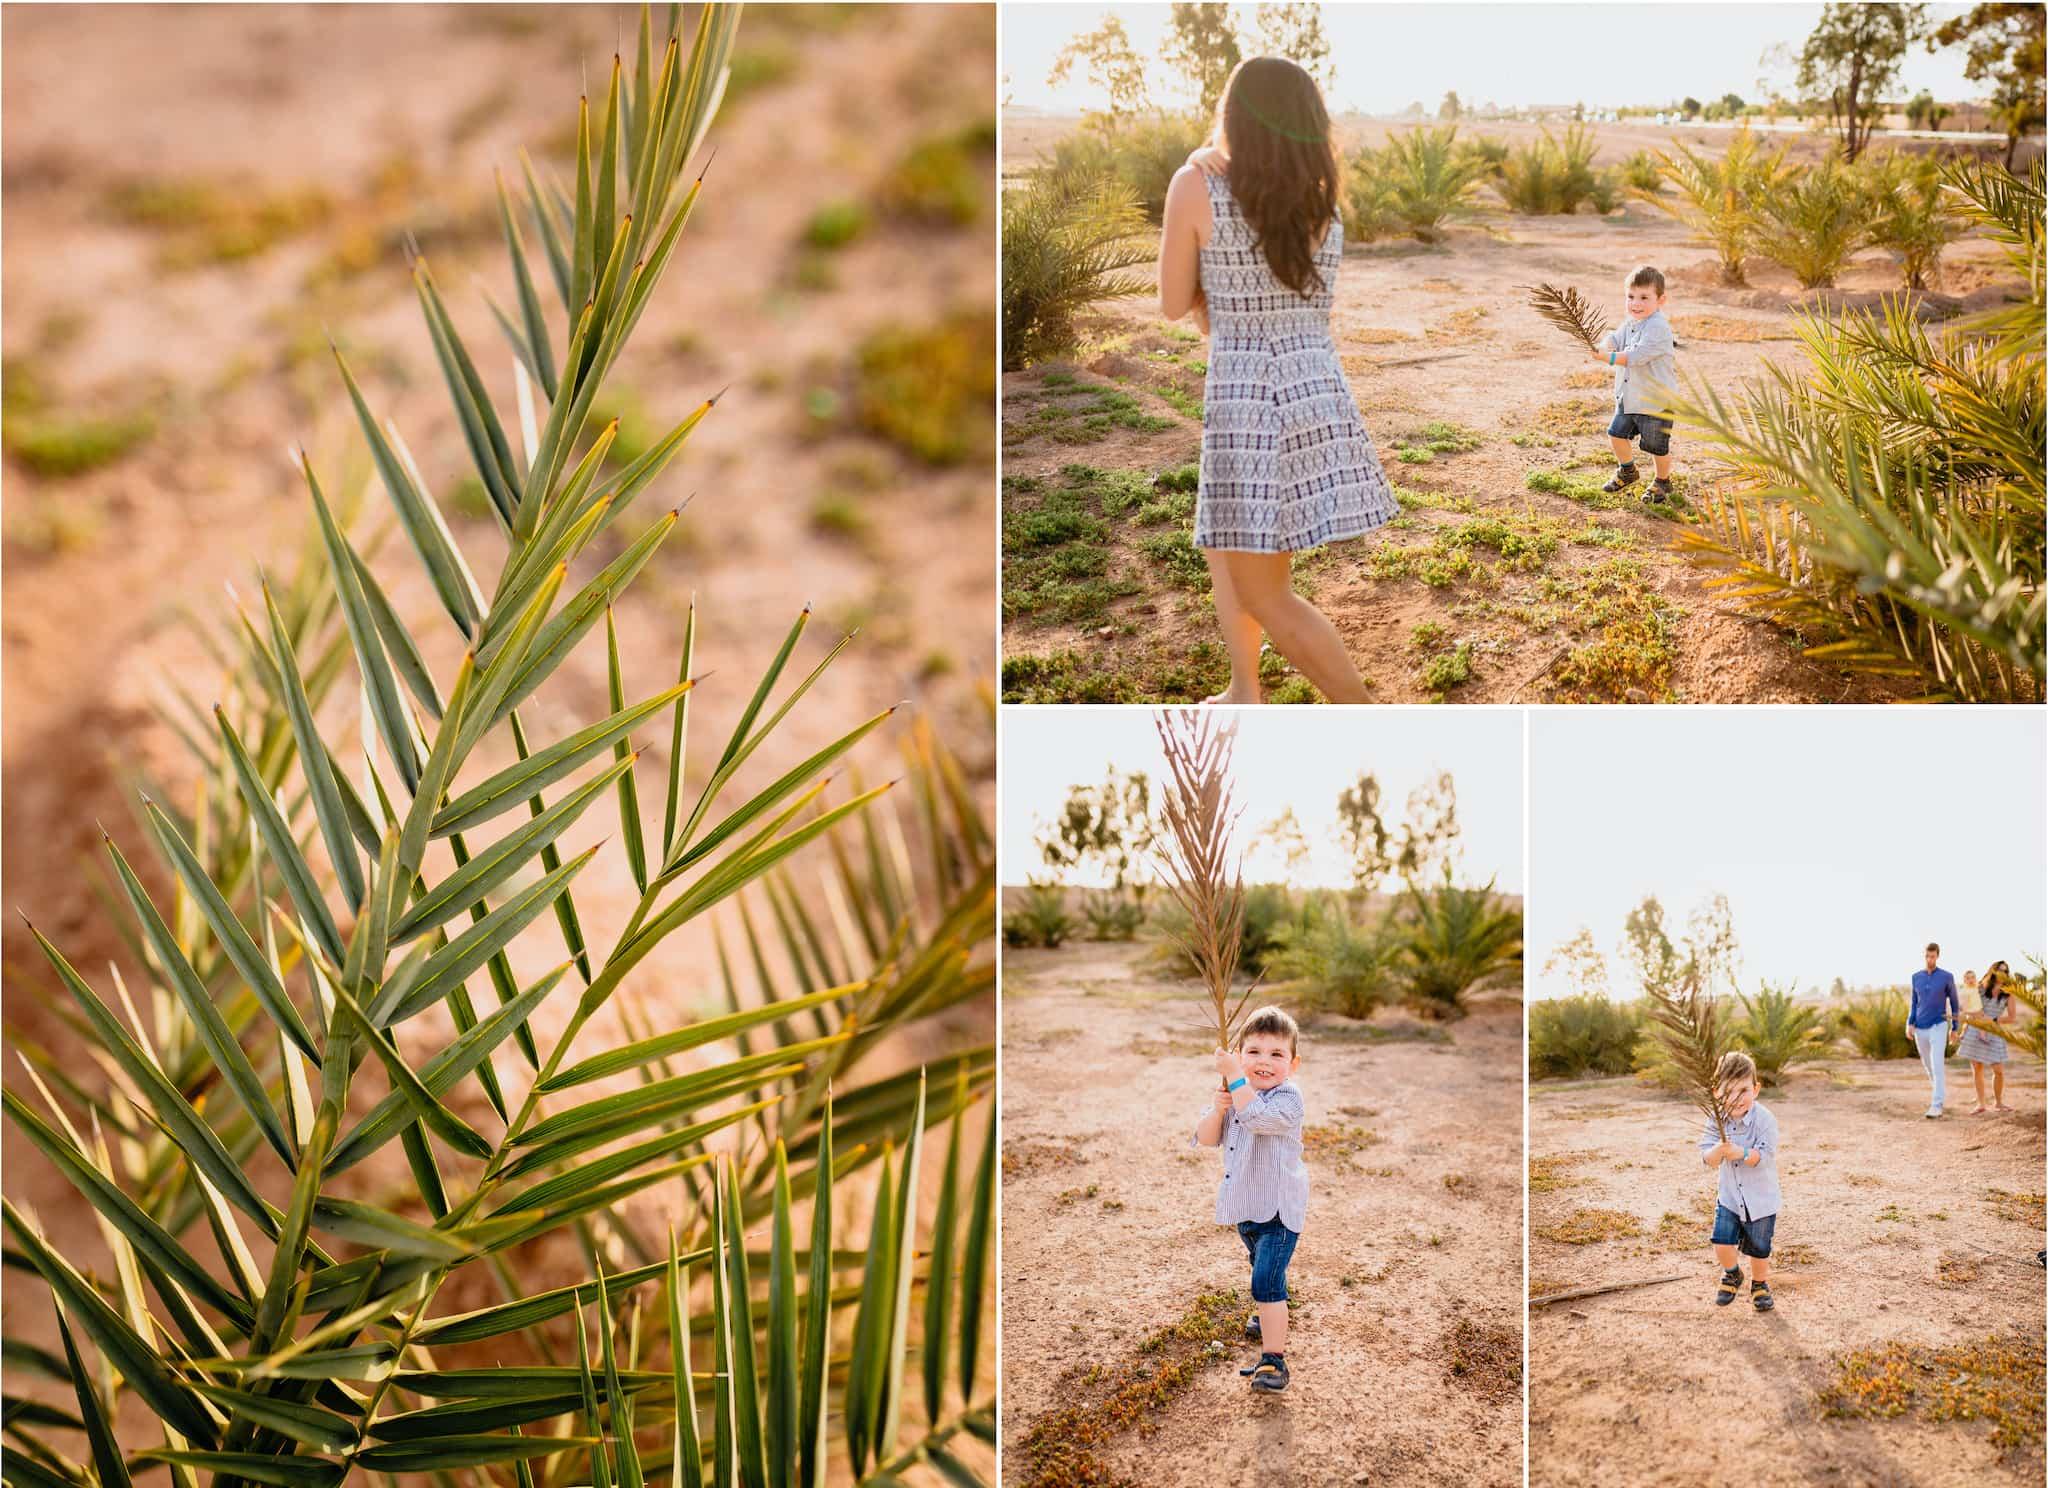 marrakesh ; maroc ; photographe ; séance photo famille ; mère et fils